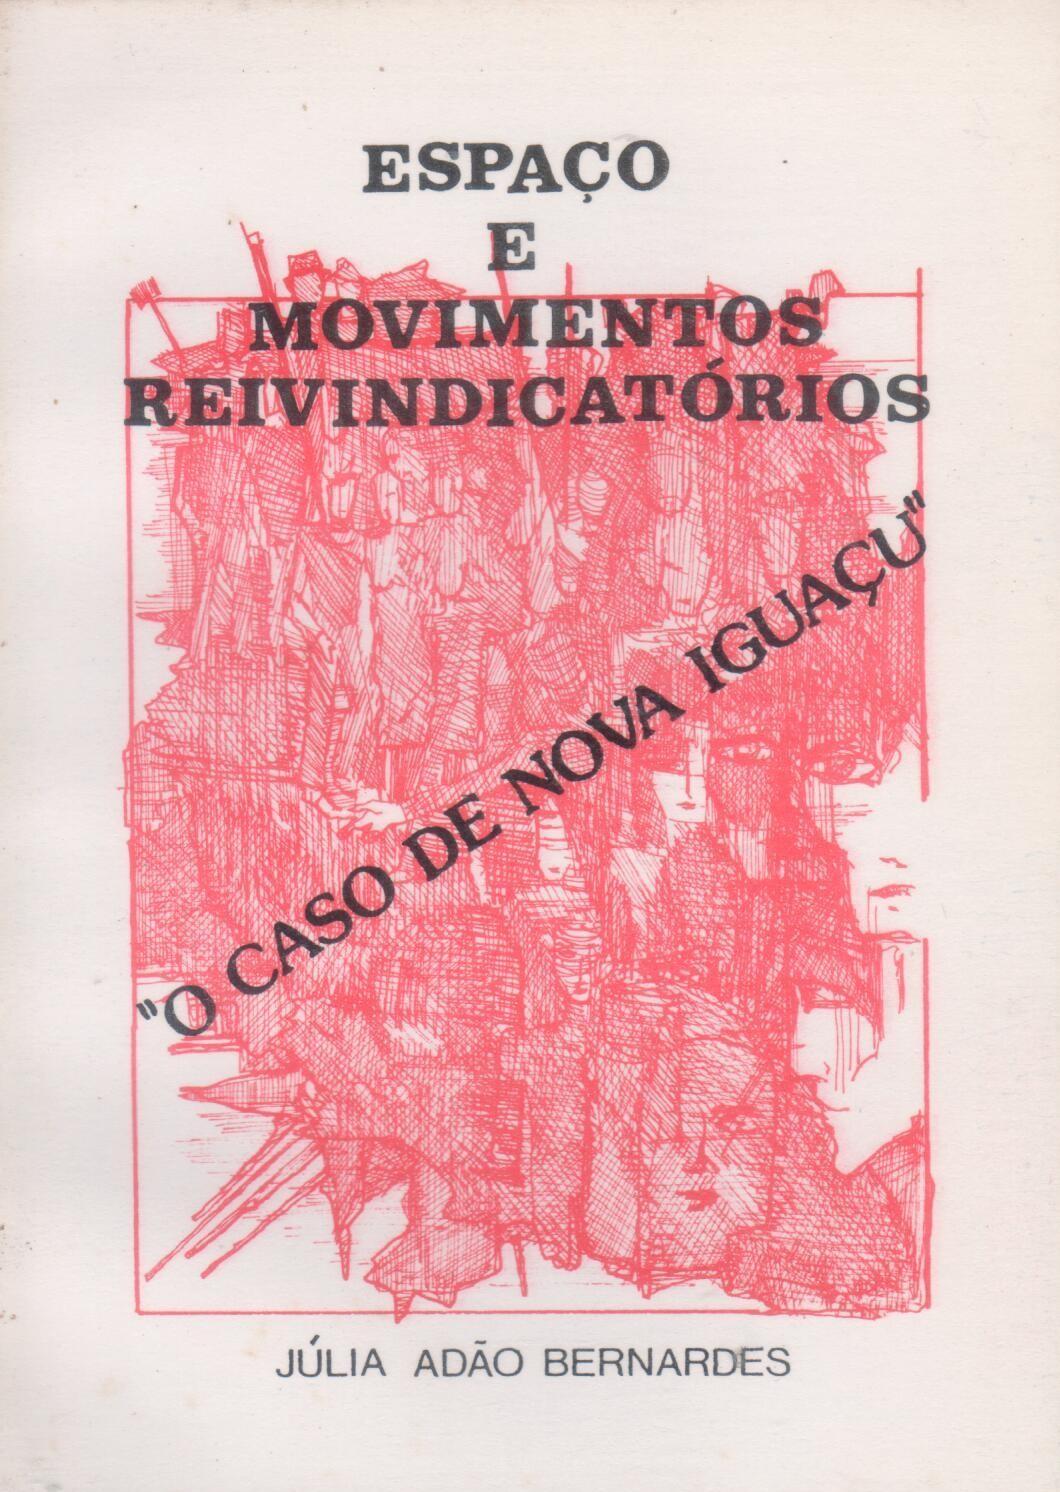 Espaço e movimentos reivindicatórios: o caso de Nova Iguaçu